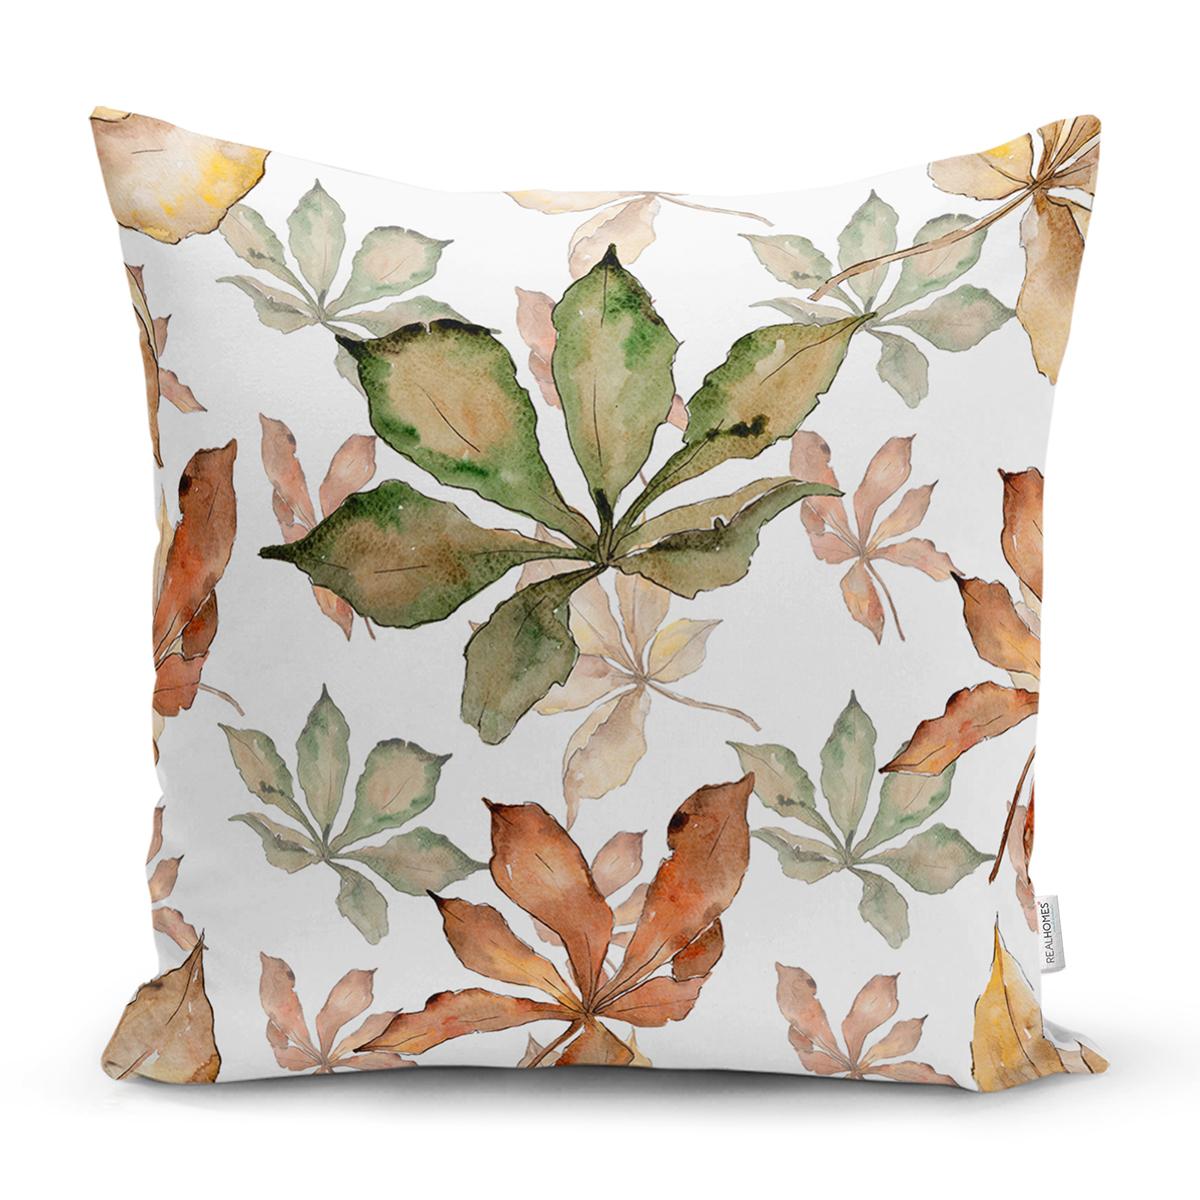 Beyaz Zeminli Sonbahar Yaprak Desenli Dijital Baskılı Modern Yastık Kırlent Kılıfı Realhomes